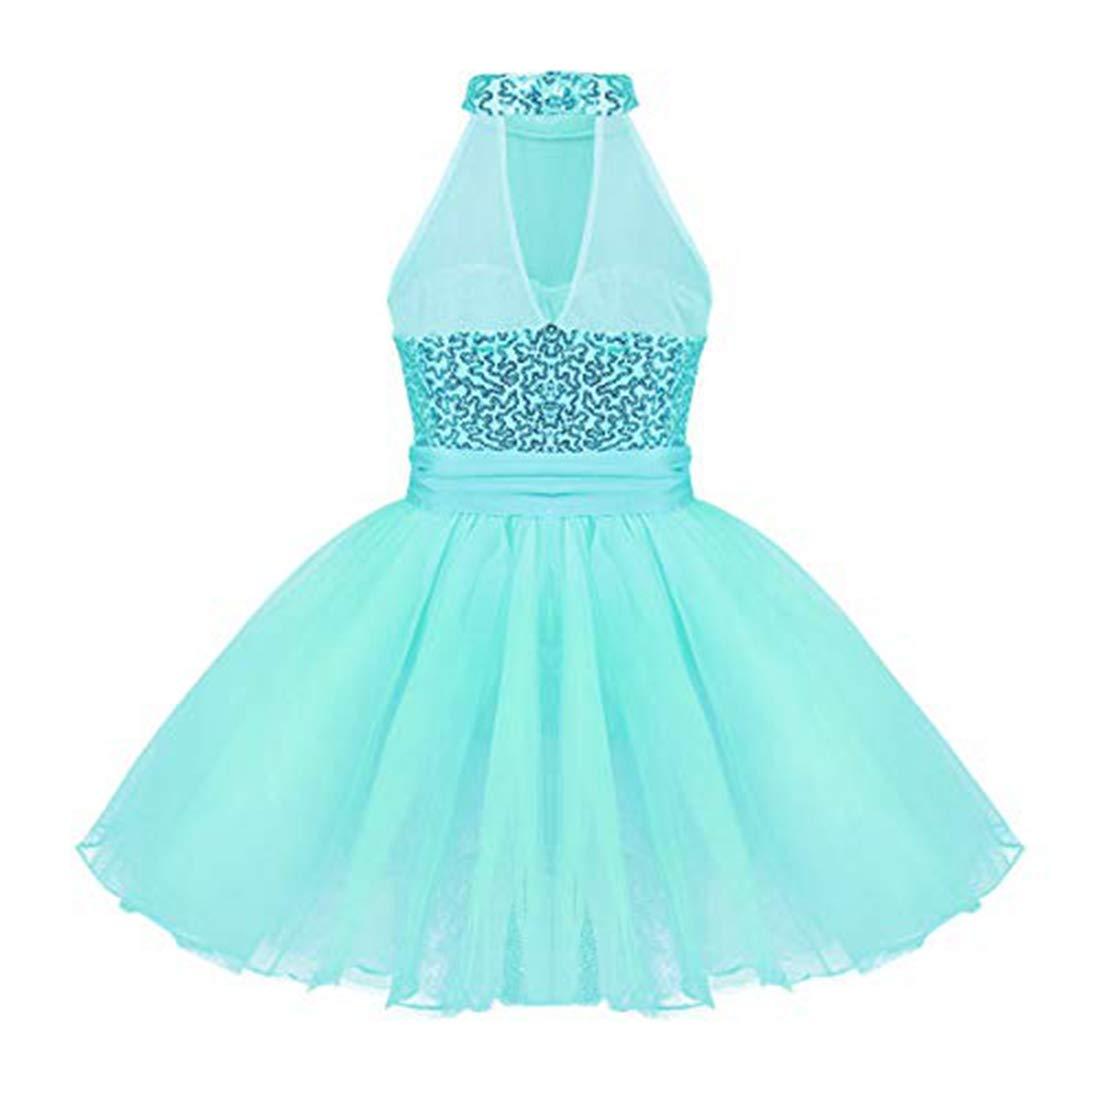 最前線の iEFiEL Girls Little Ballerina Ballerina Dancer Balletドレススカートレオタードジムダンス用 10 B07GPQLJHT 10 43750/ 12|レイクブルー レイクブルー 43750, 腕時計ショップ newest:c98c1df8 --- umniysvet.ru